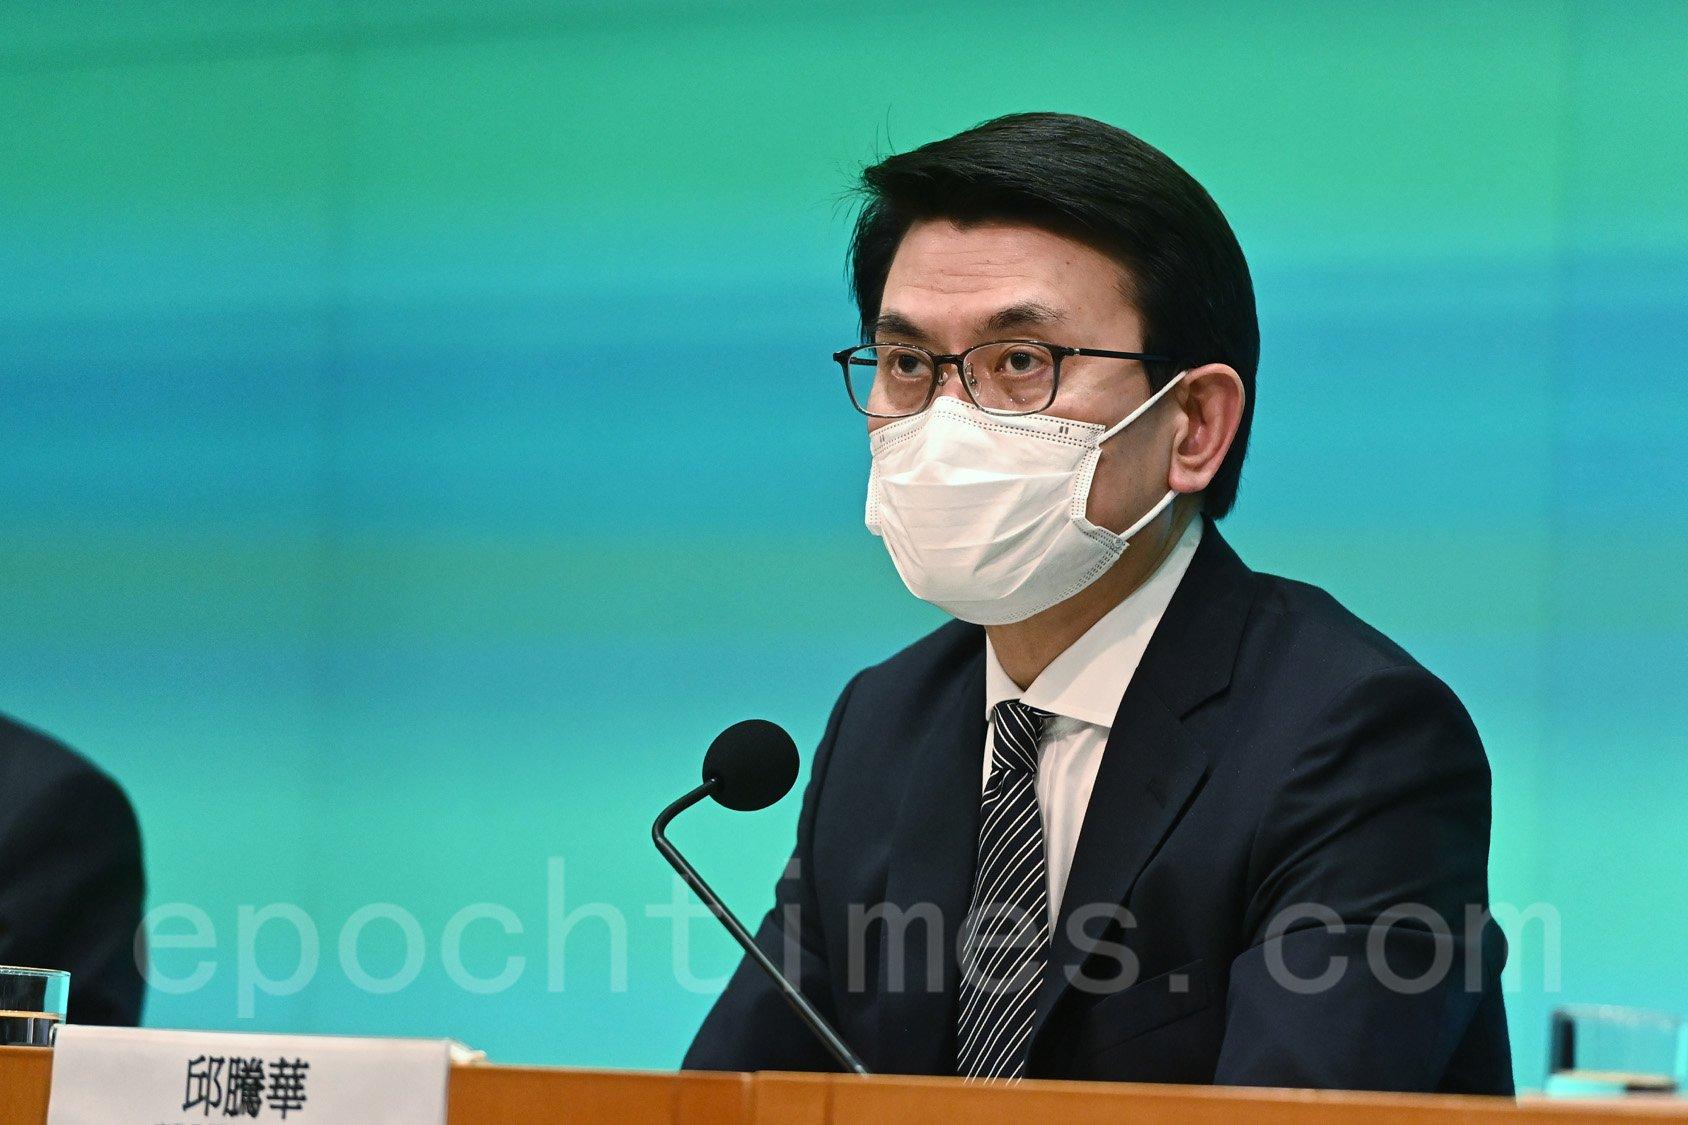 香港商務及經濟發展局局長邱騰華。(宋碧龍/大紀元)